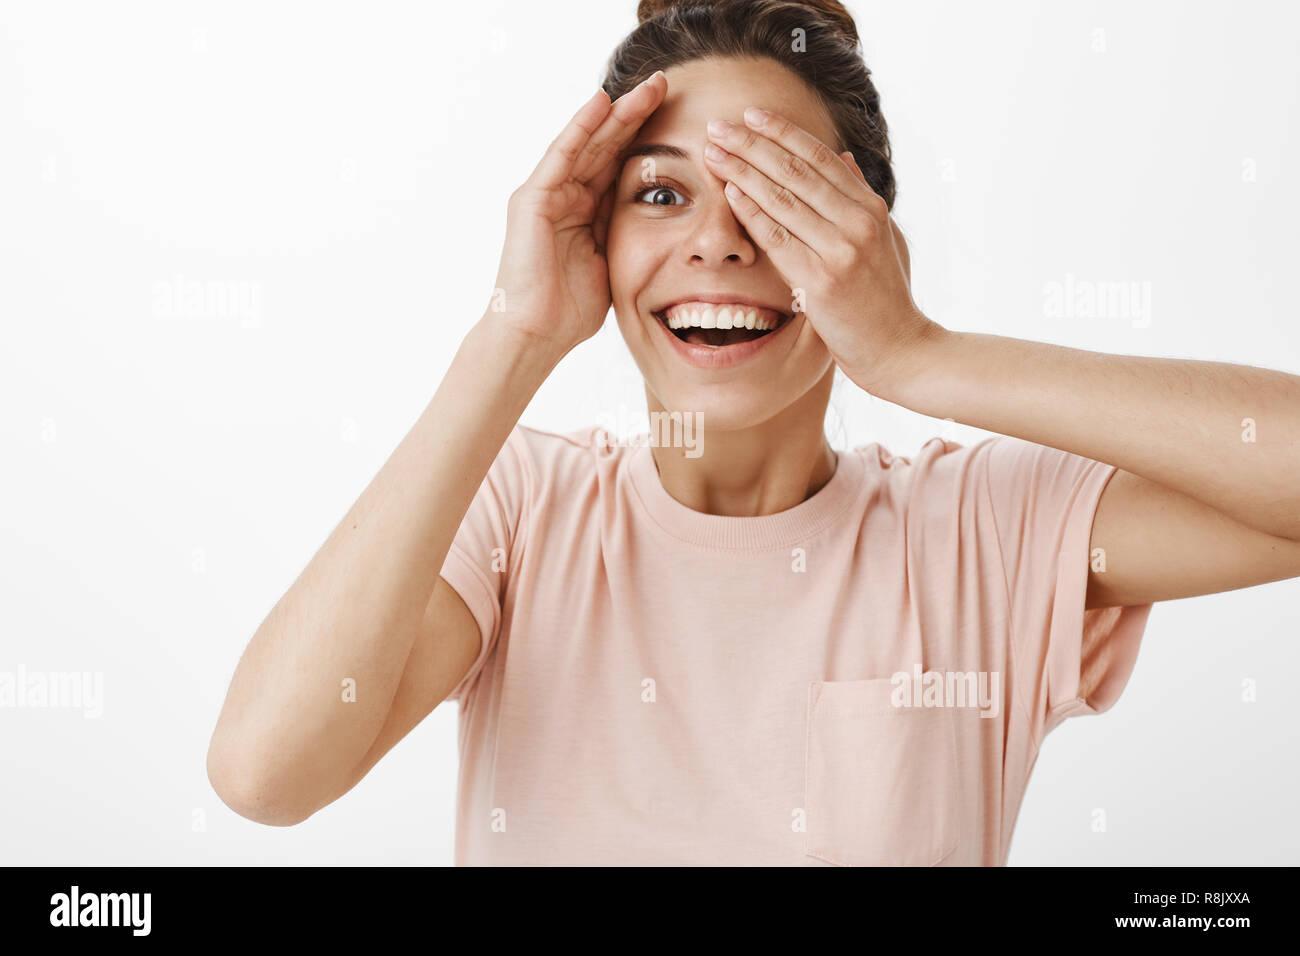 Portrait de jeune fille excitée et tricherie peeking through fingers en attente d'être surprise invité à fermer les yeux avec un large sourire amusé et joyeuse expression réagir à présent impressionnant Photo Stock